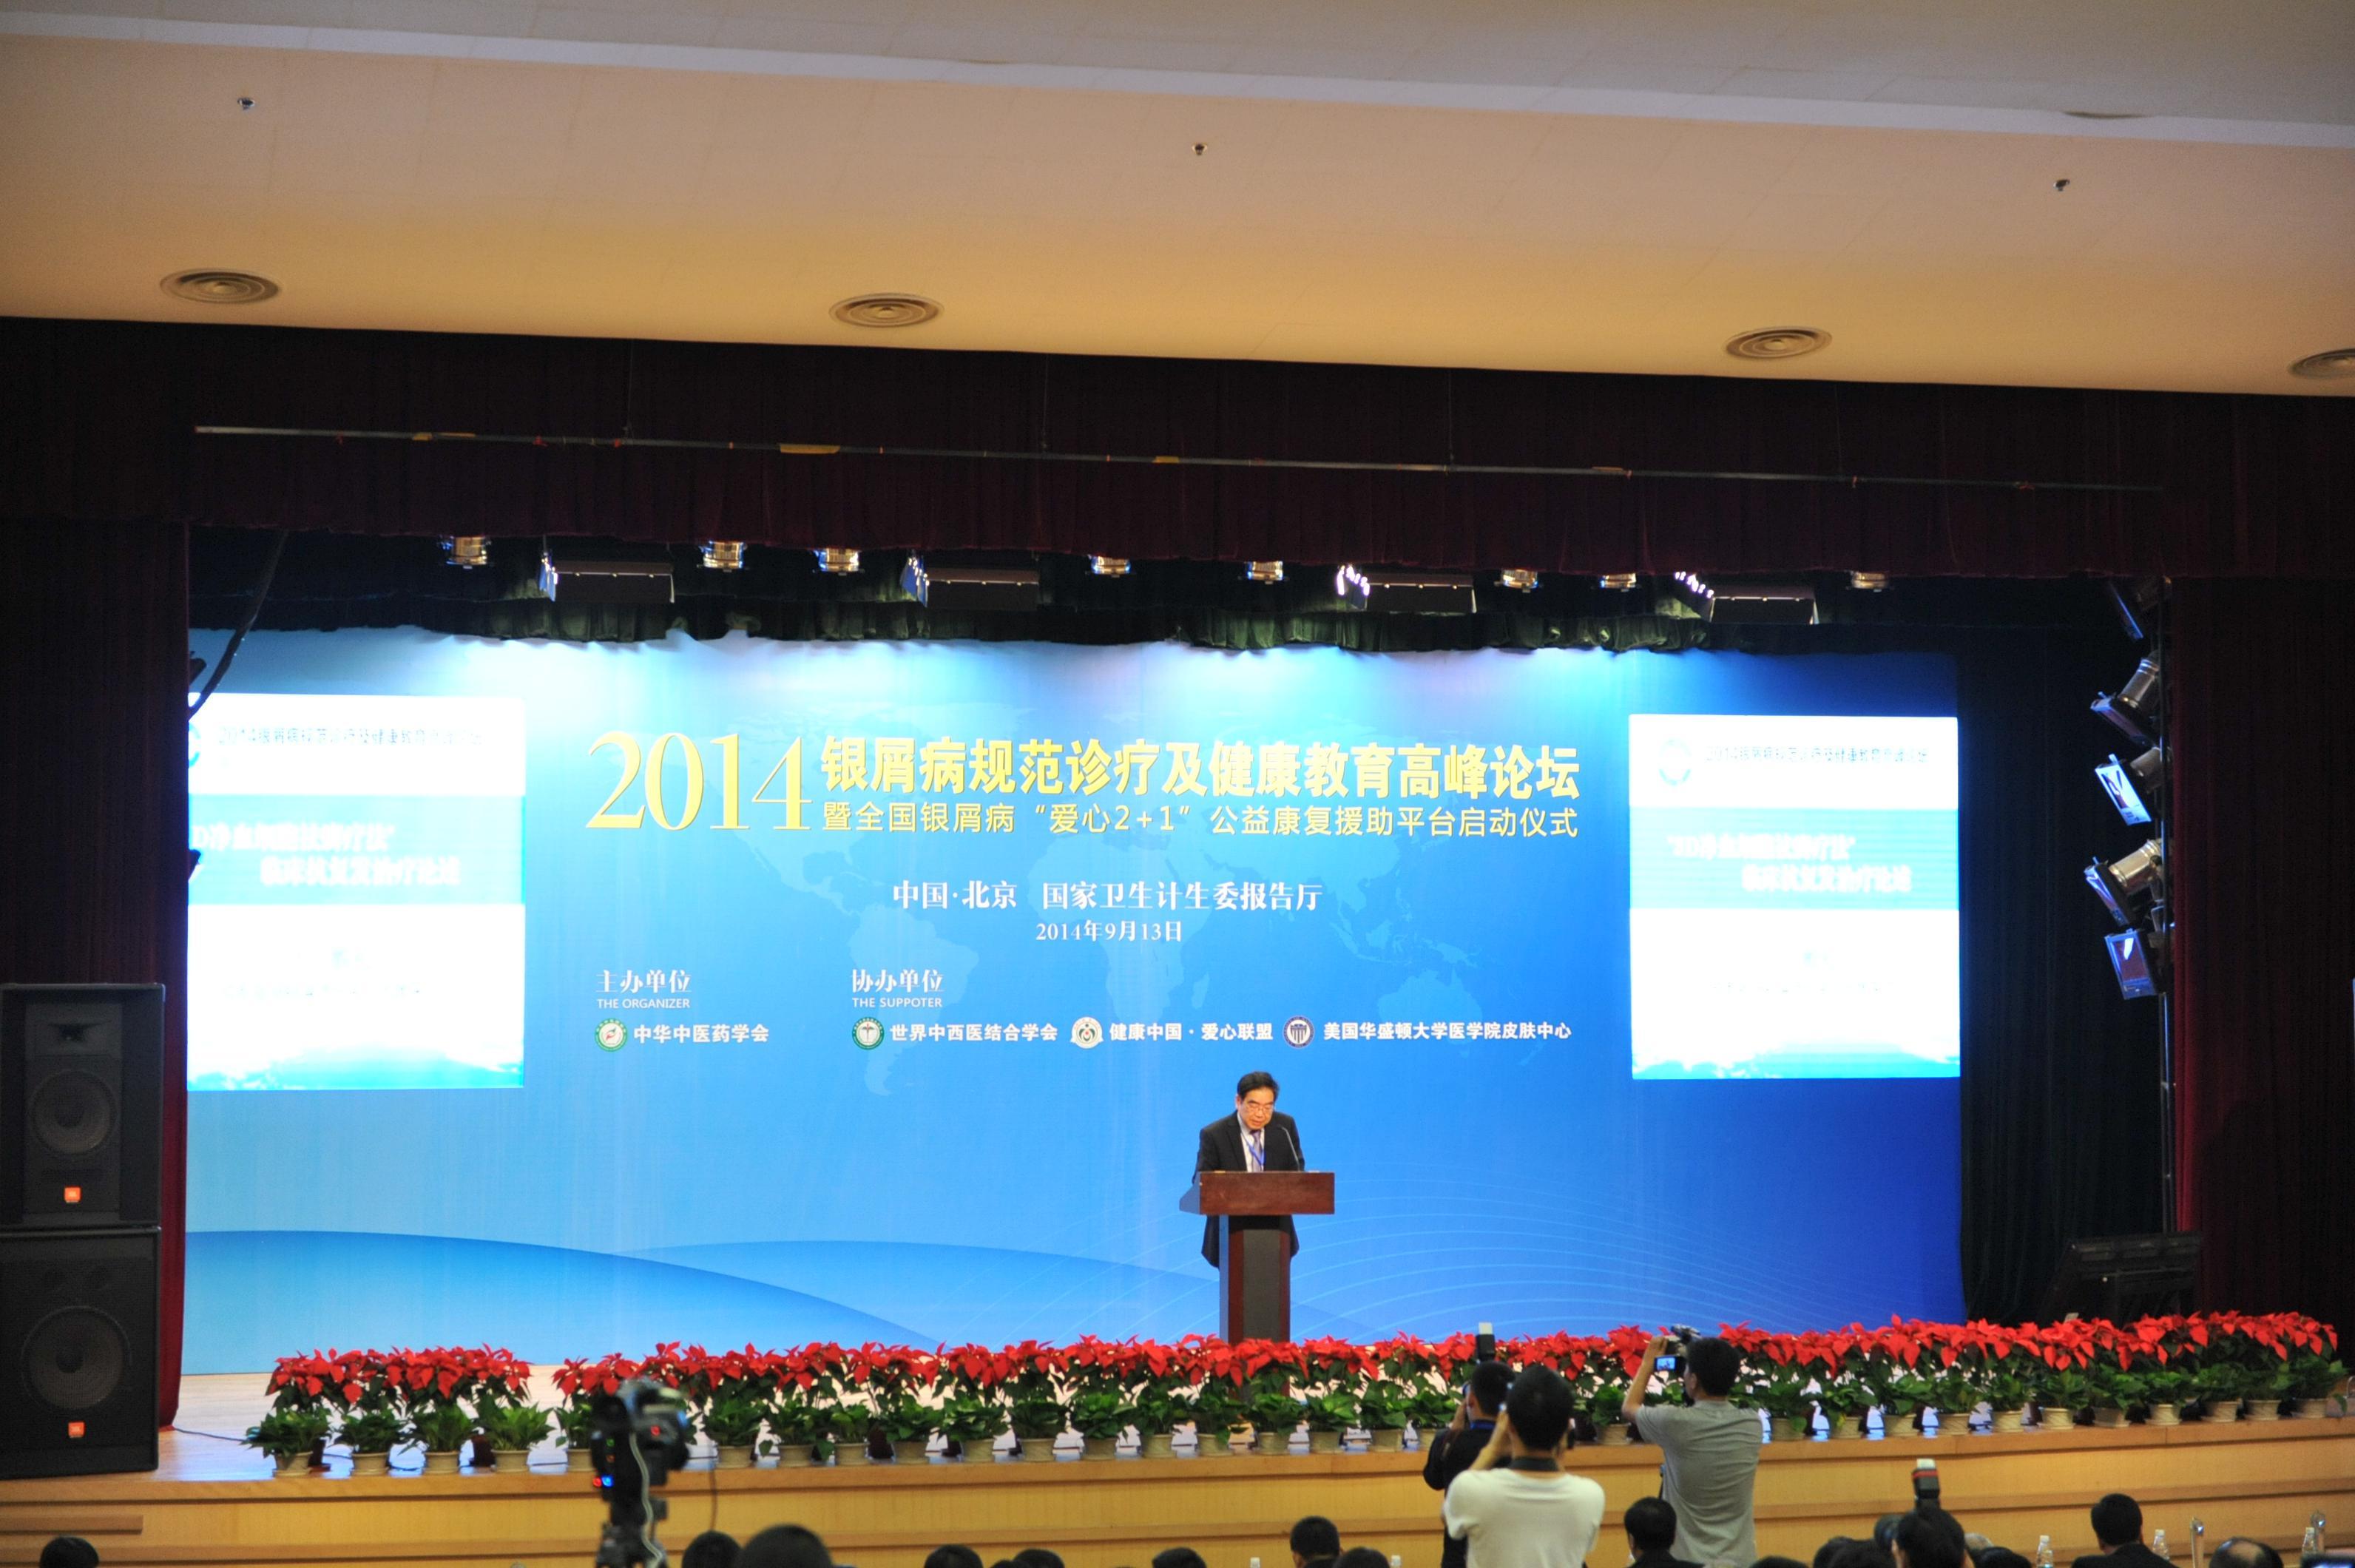 2014银屑病规范诊疗大会在京卫计委召开